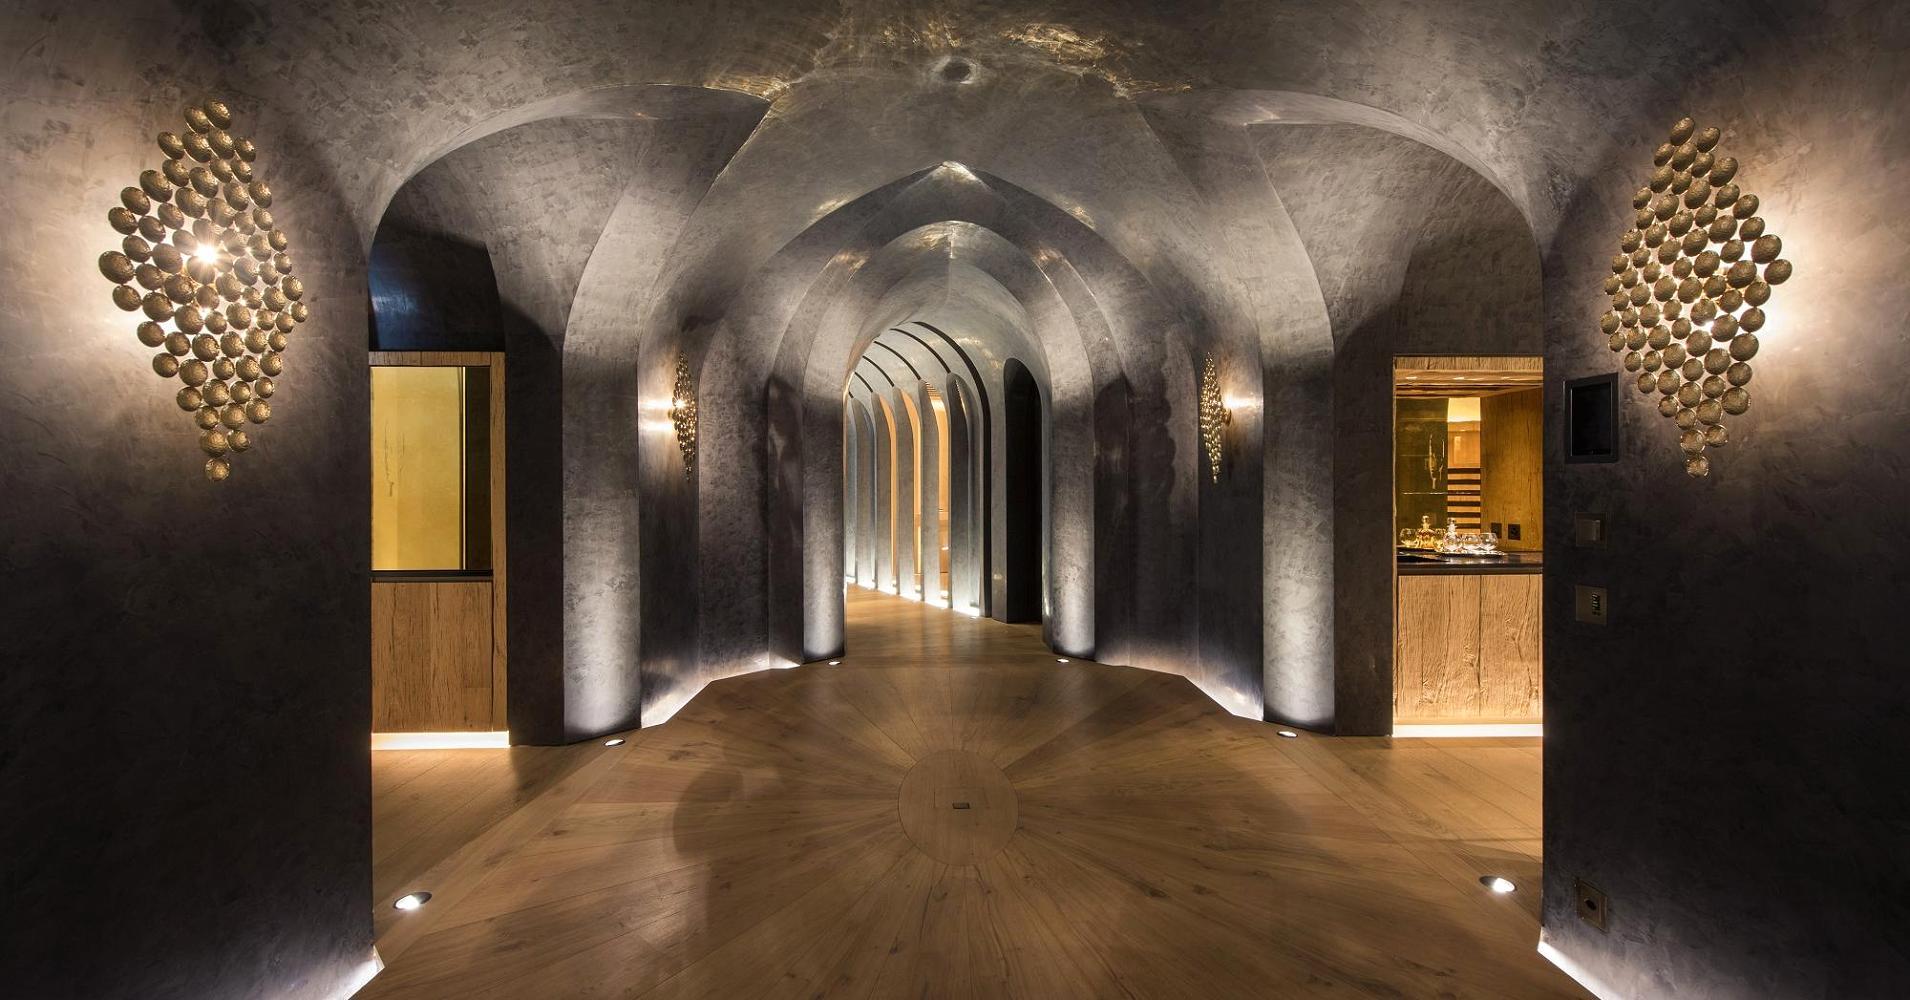 Ha finestre alte 11 metri con una vista spettacolare sulle Alpi e a prova di valanga / 20 Minuten